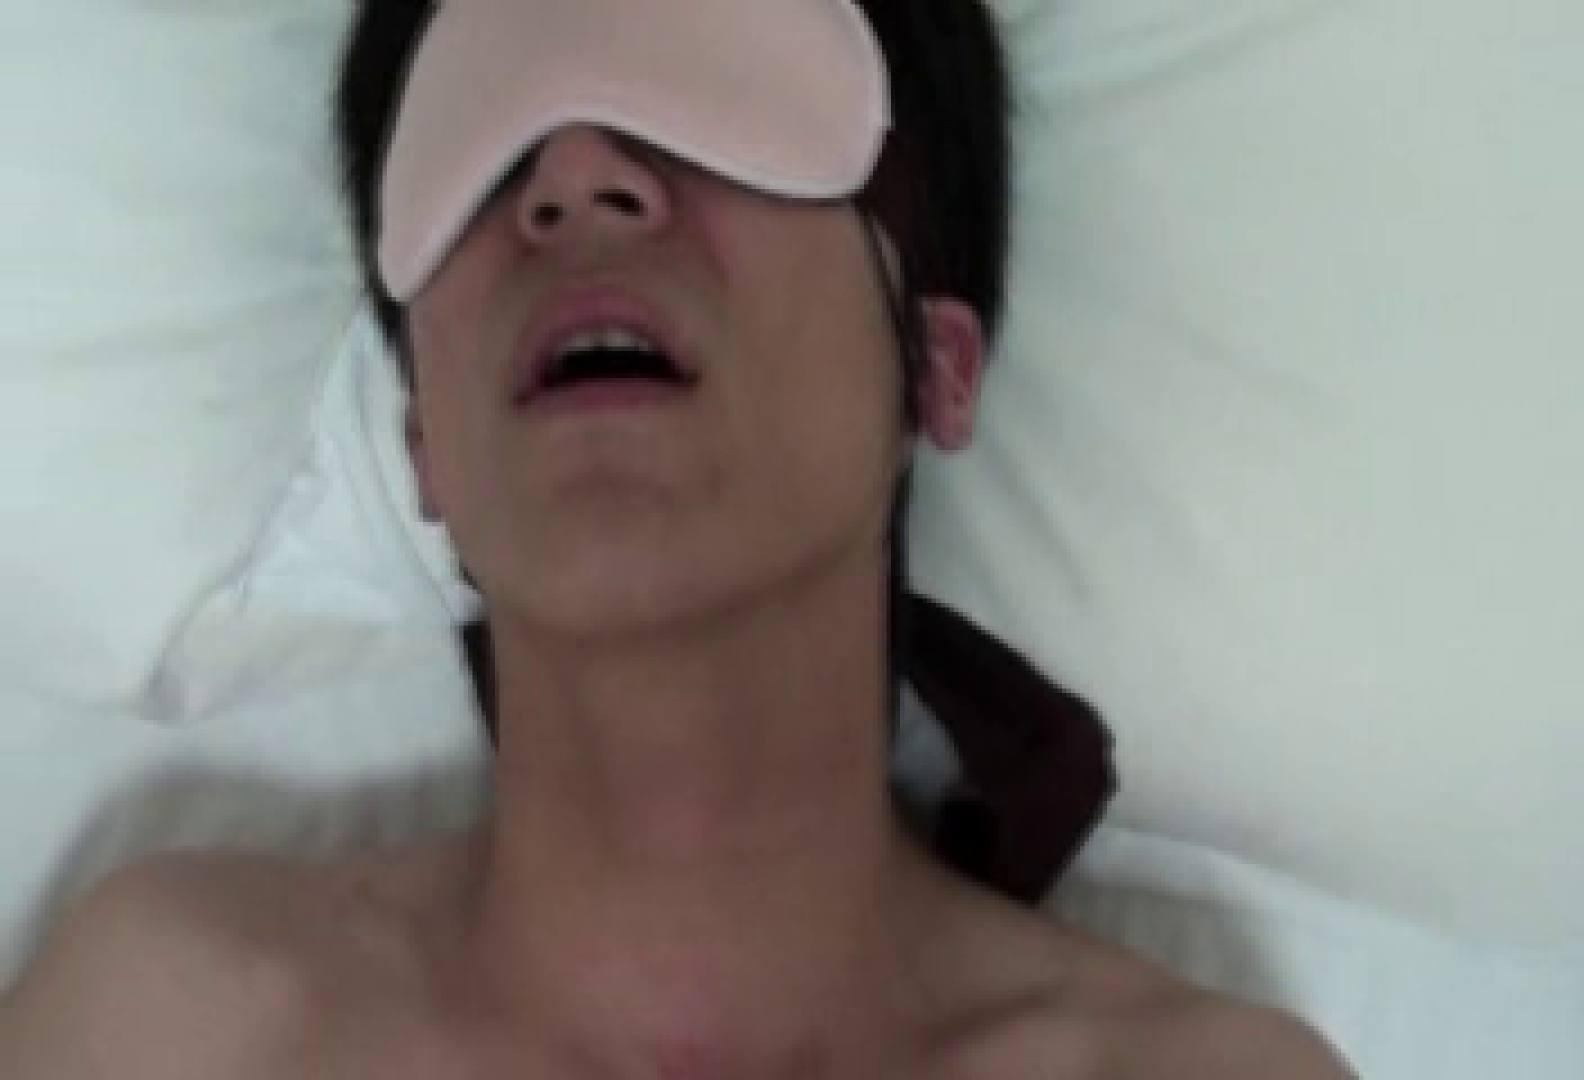 アイマスクでおもいっきり性感帯!!vol.03 ノンケ達のセックス ペニス画像 99画像 56